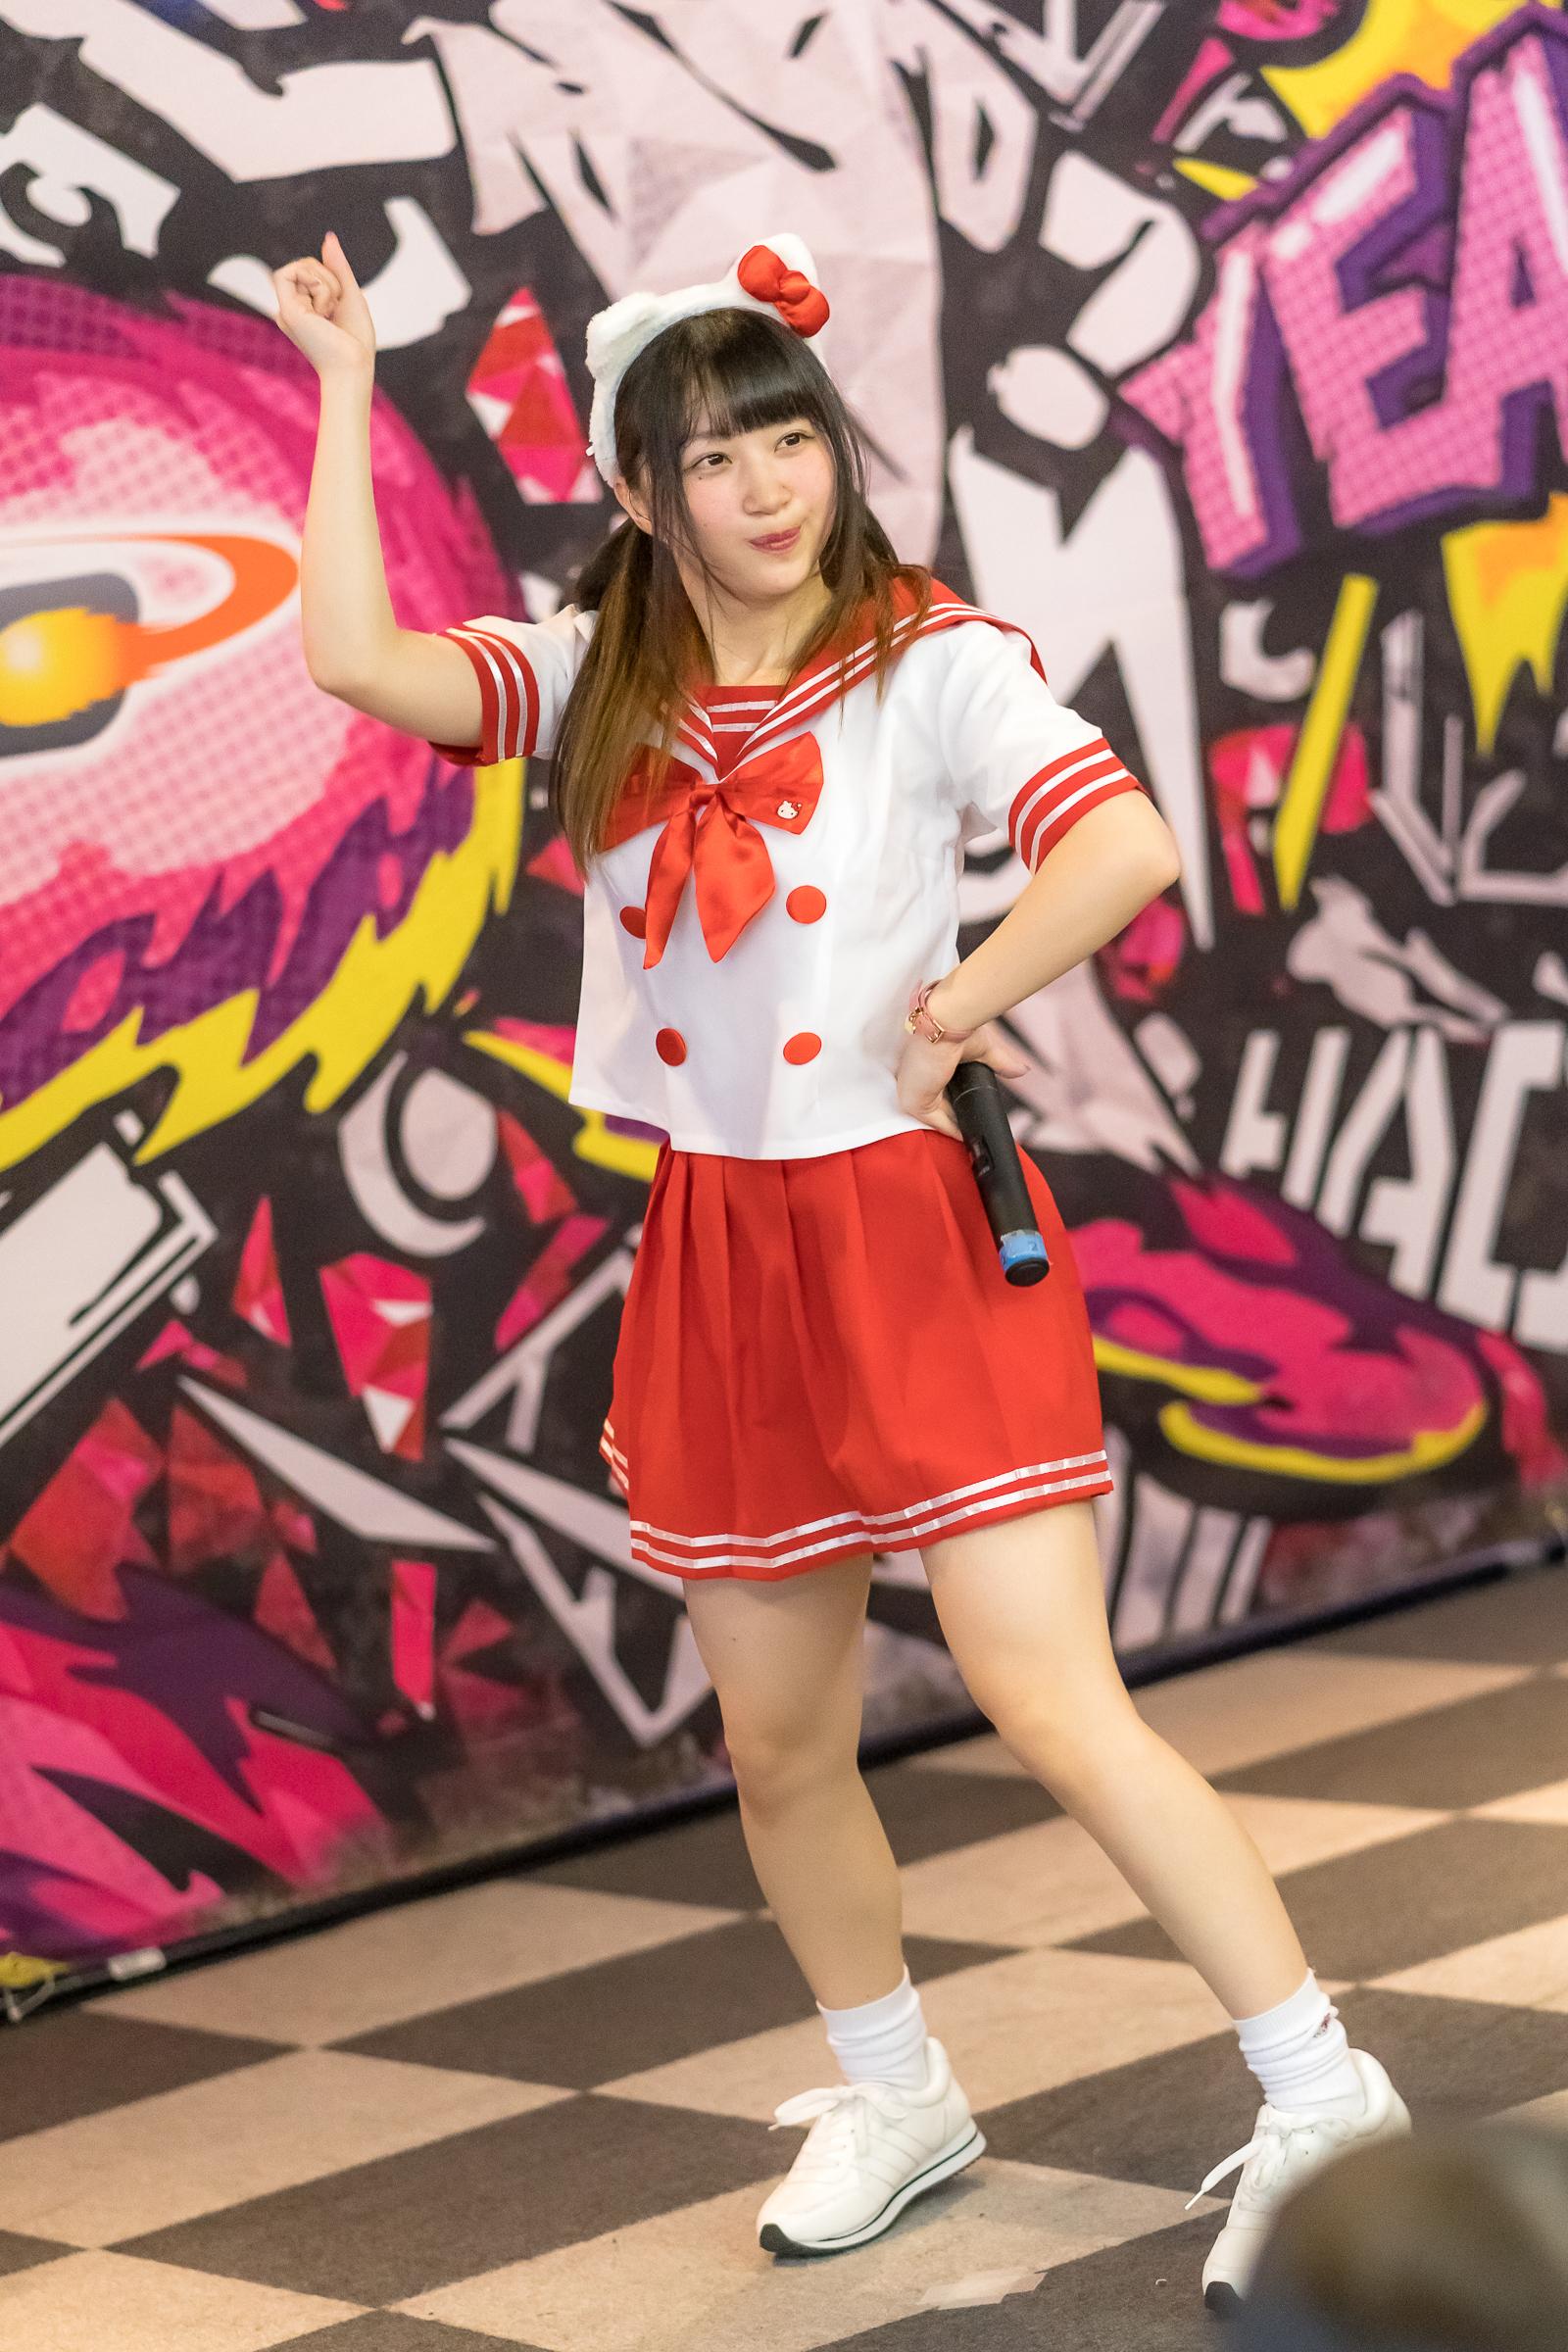 2代目HAPPY少女♪ きょうか ( 山田京佳 )   ディノスパーク×ライブプロ マンスリーLIVE vol.8